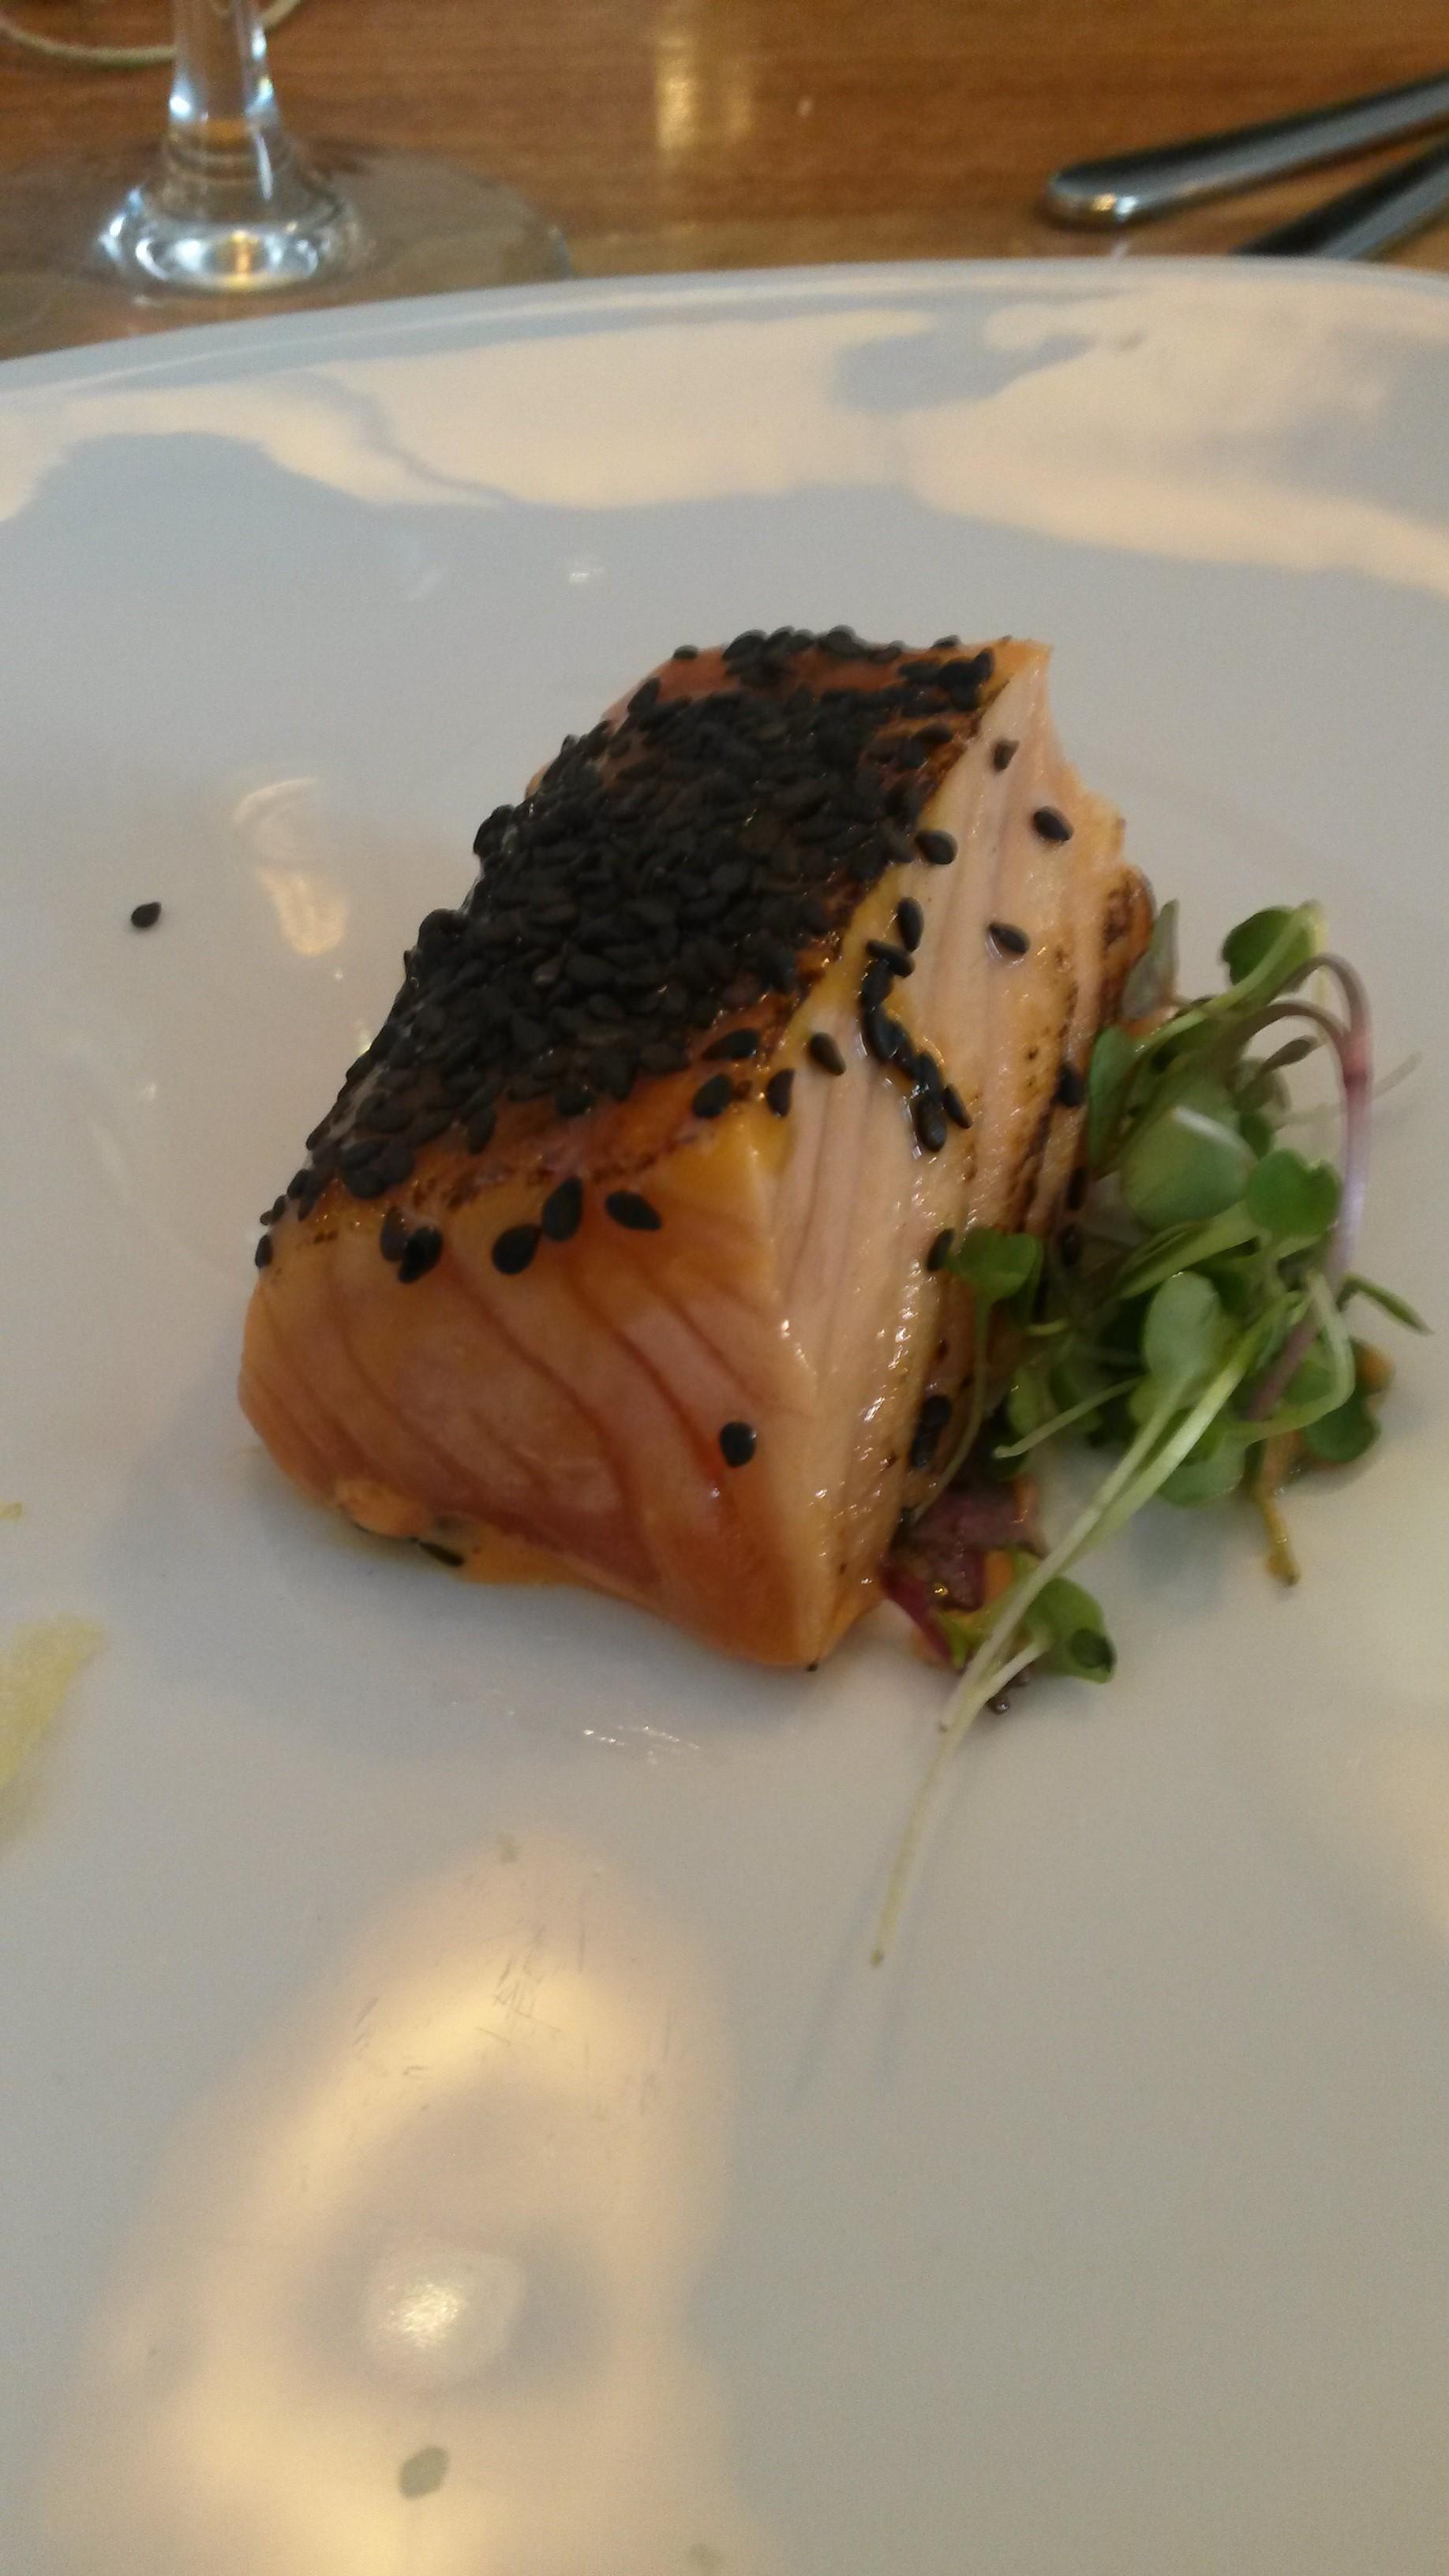 Restaurante Lua salmón ahumado con miso, yuzu y chile dulce